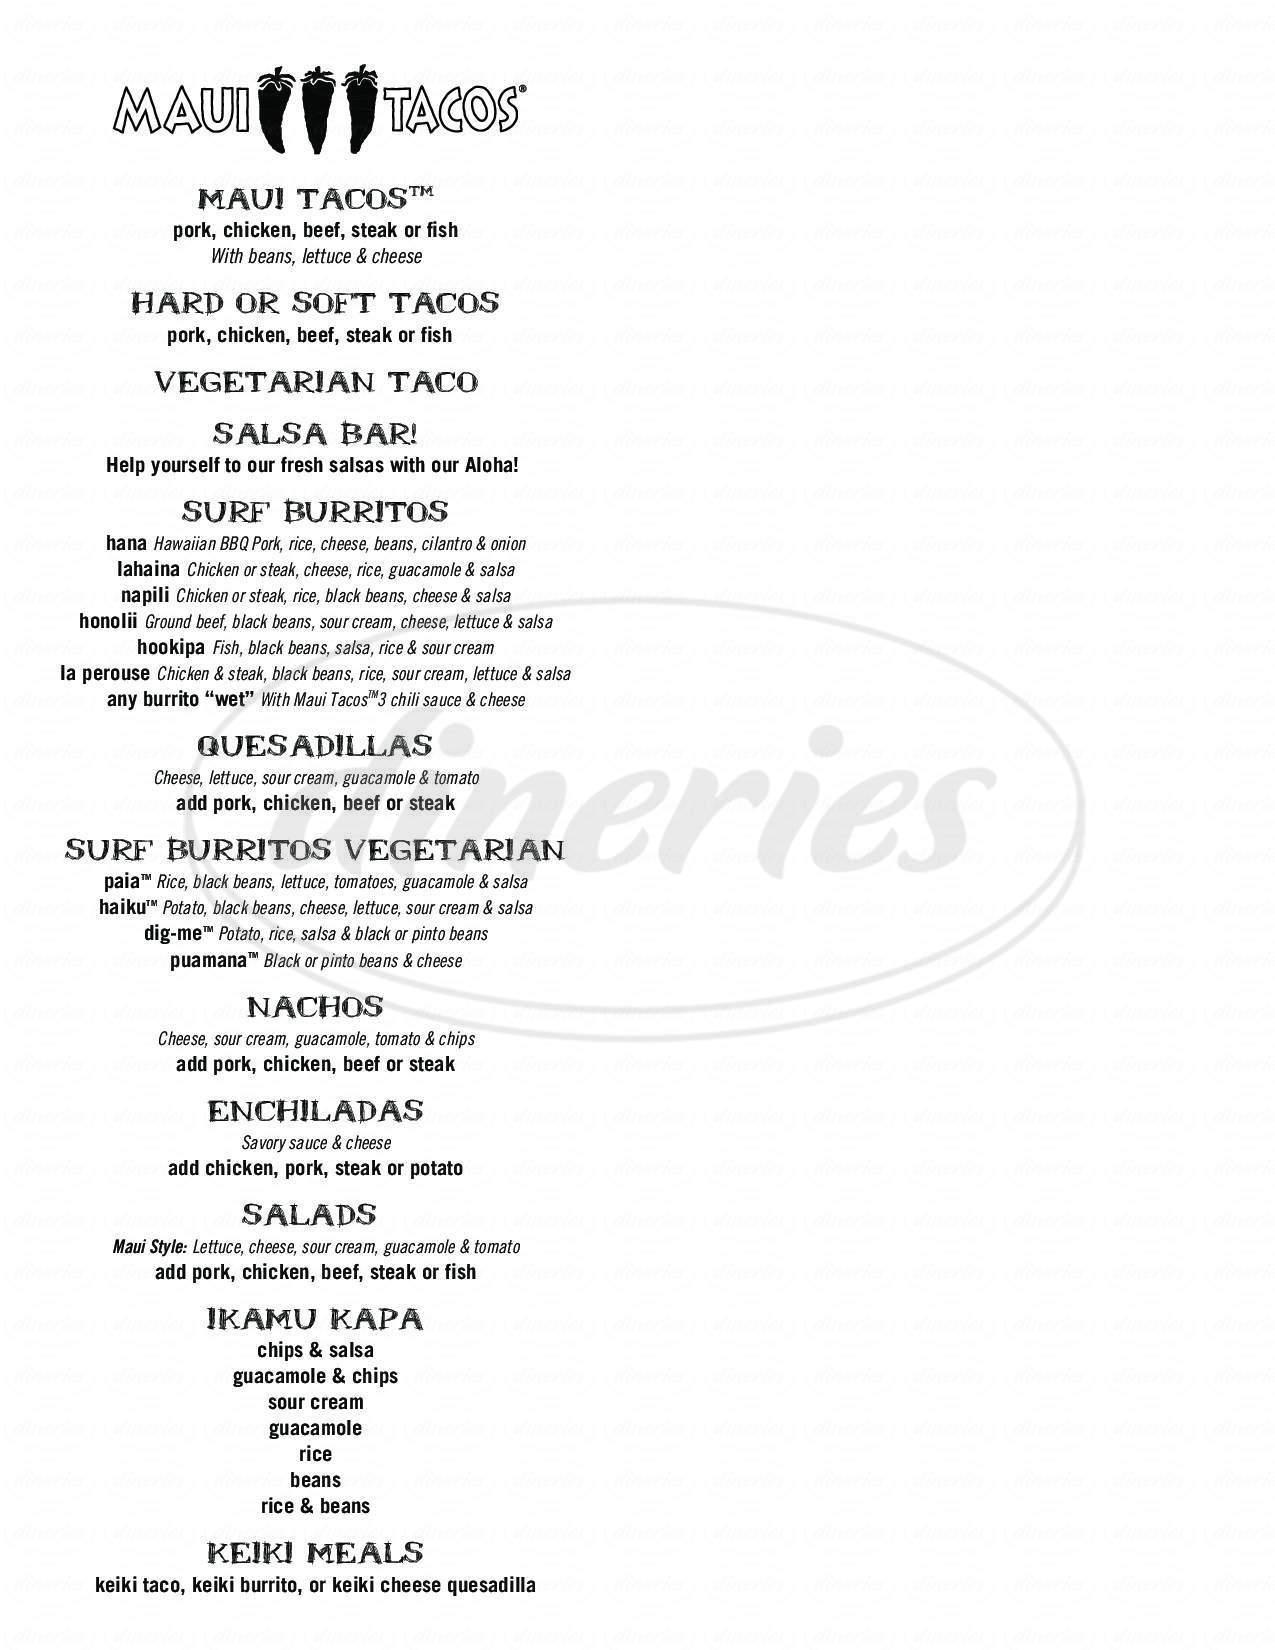 menu for Maui Tacos